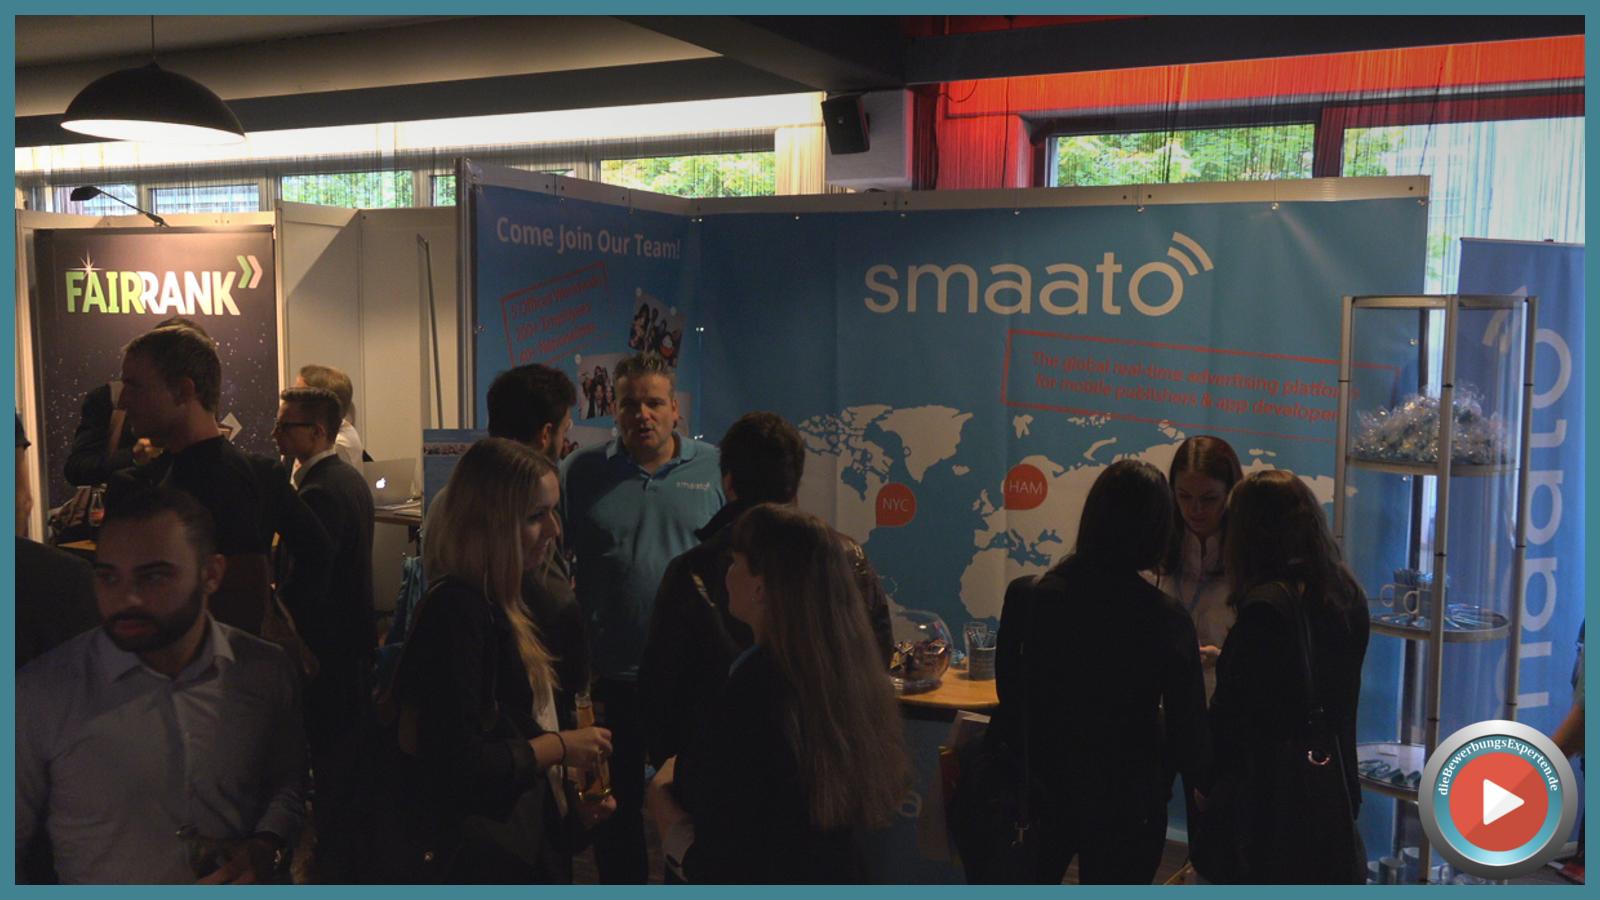 Bei smaato.com angeln wir uns Claudia Piescik, Head of HR, bei der mulitnationalen real-time-advertising-Plattform. Sie selbst hat 170 der 220 Mitarbeiter eingestellt und macht deutlich, worauf Sie bei der Einstellung Wert legt.